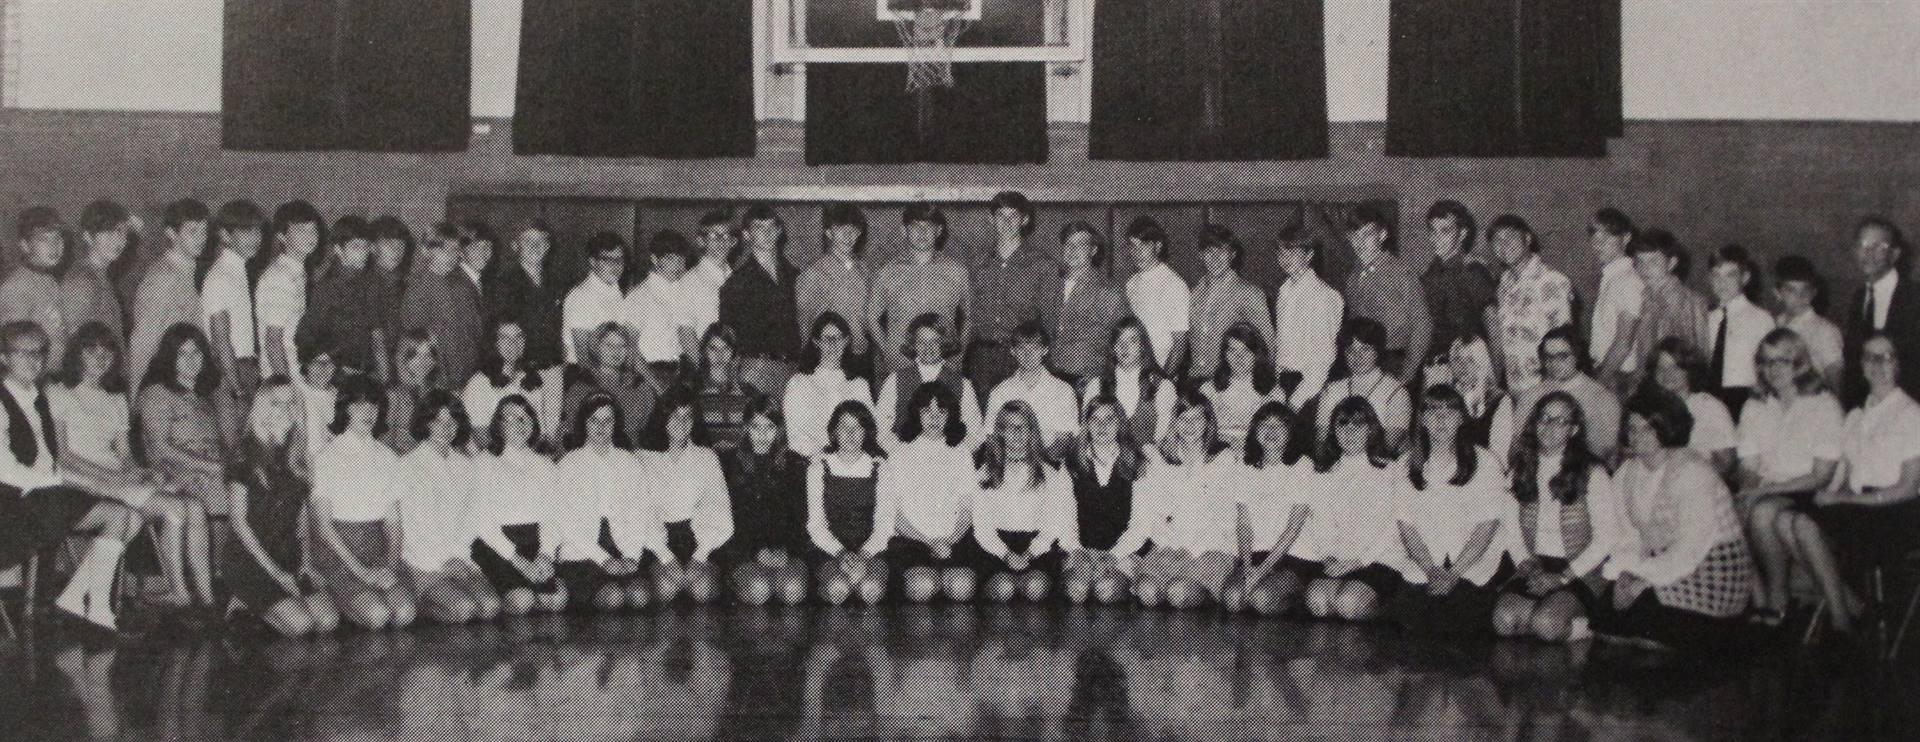 1971 Classical Club